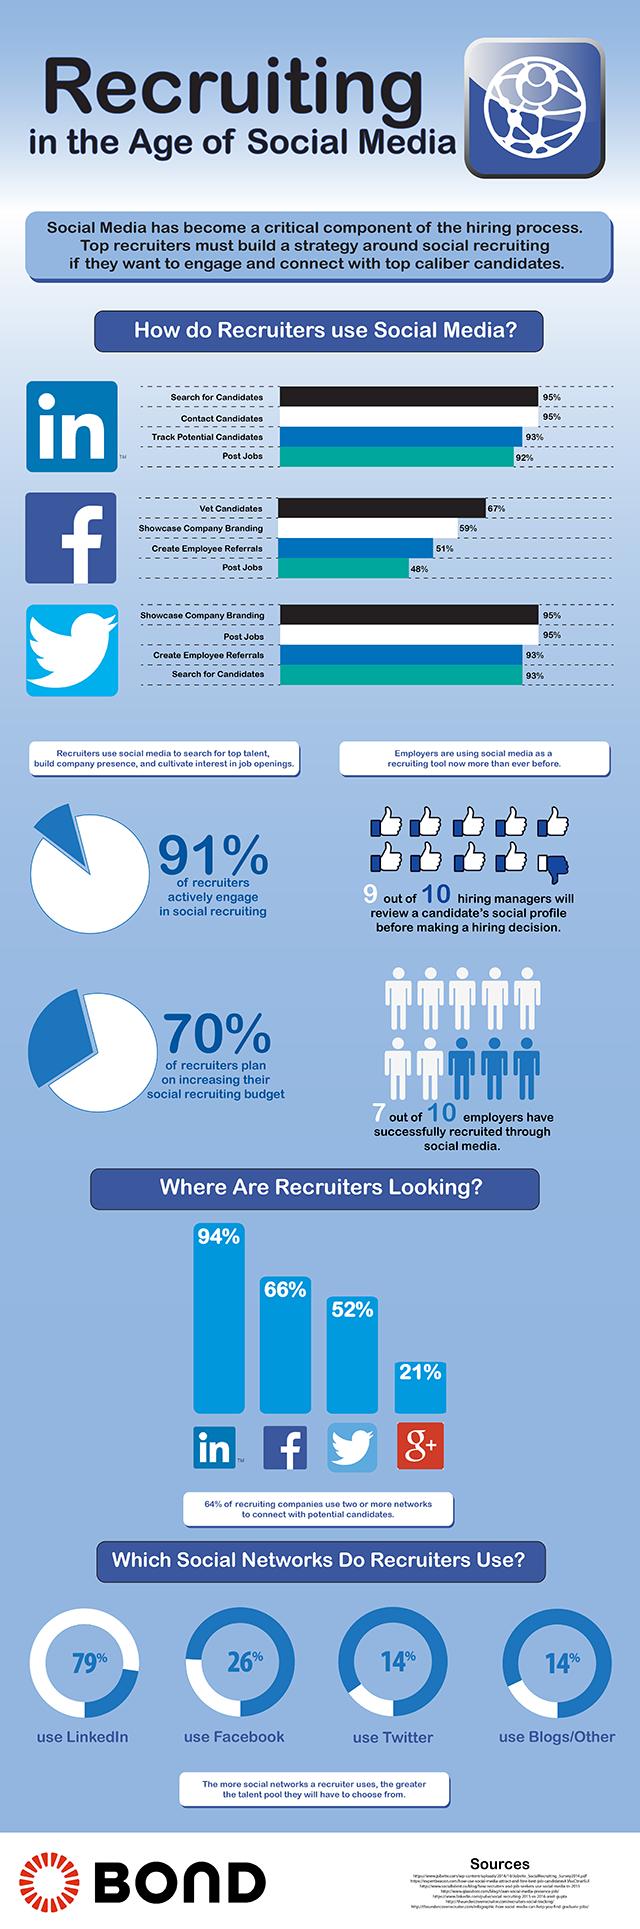 Le recrutement à l'ère des réseaux sociaux